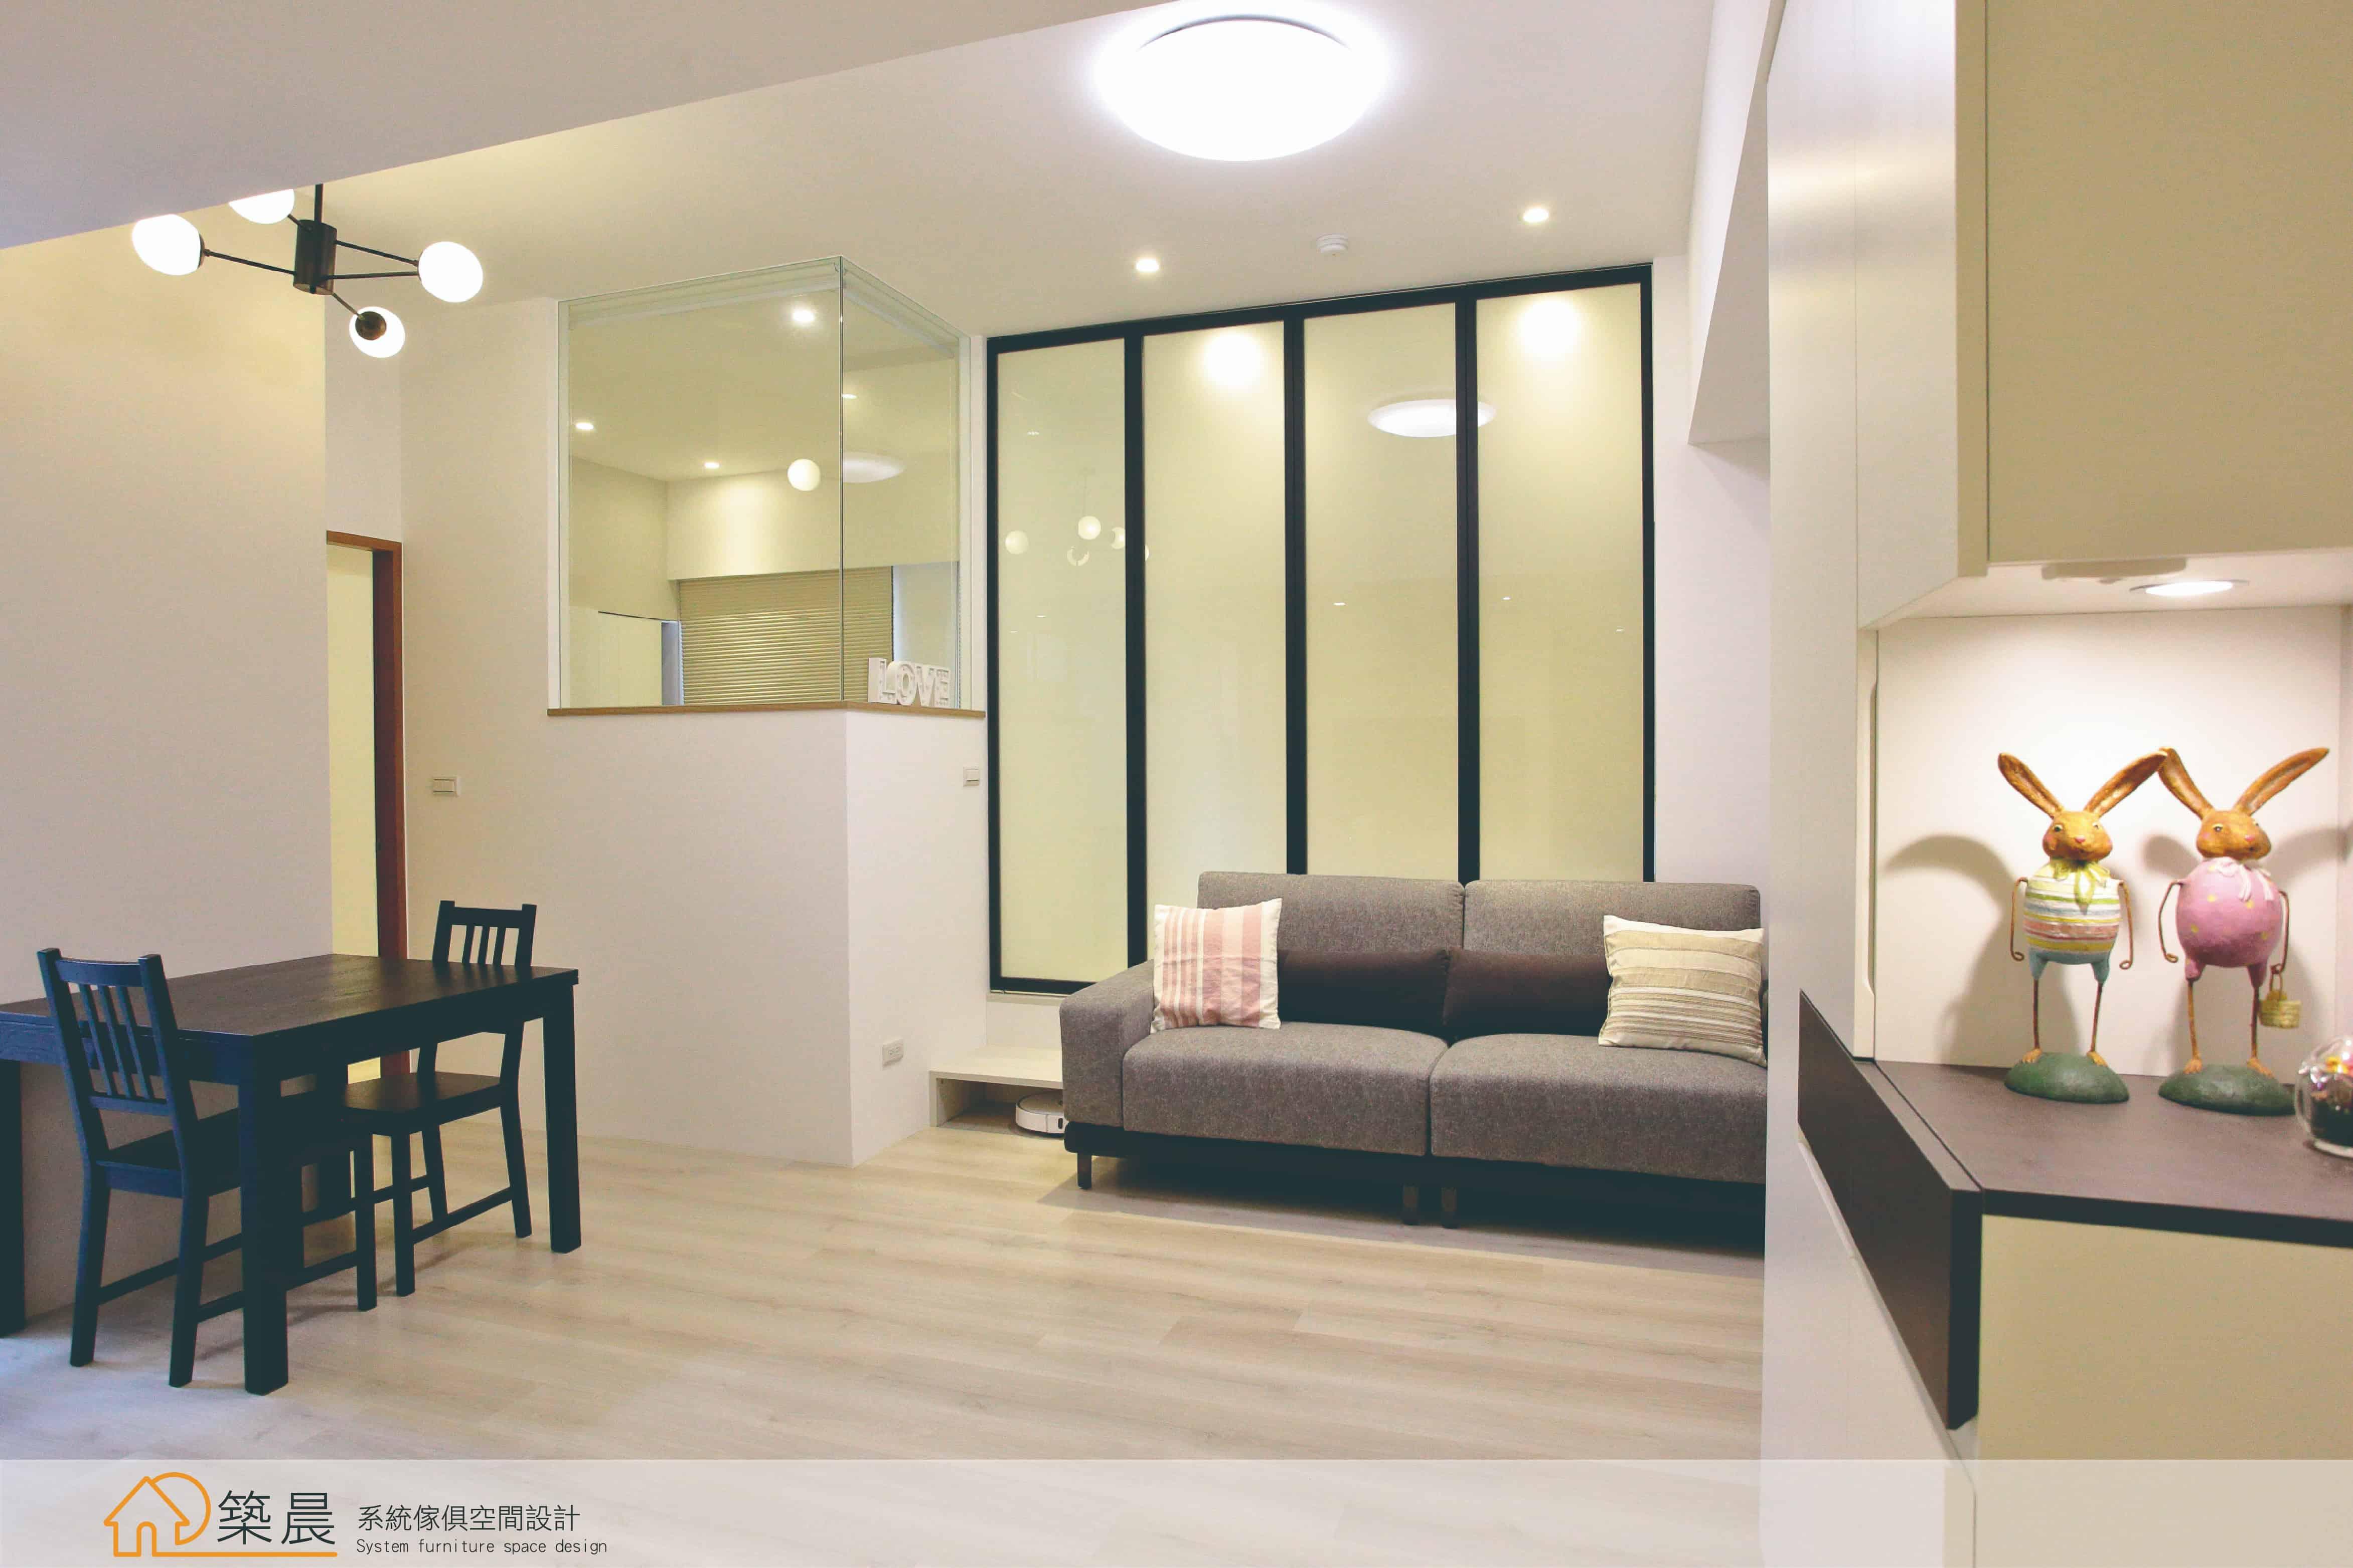 築晨現代簡約風的小空間大魔法!|築晨系統傢俱空間設計